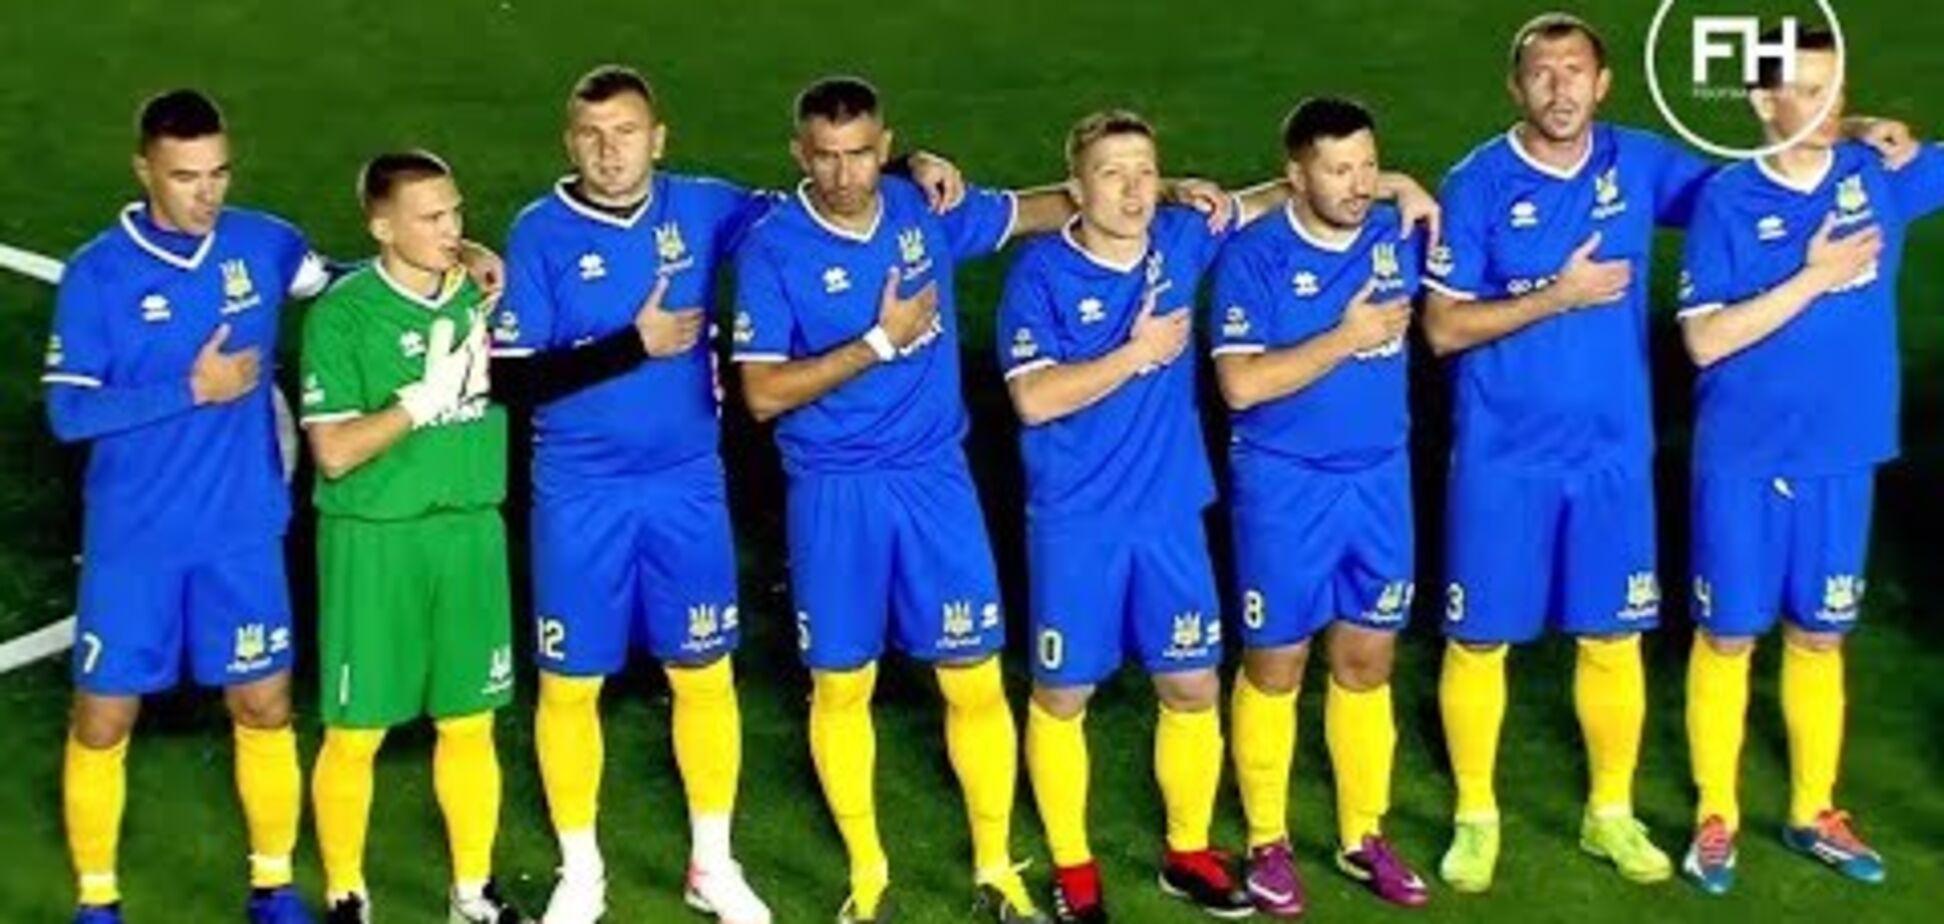 Україна перемогла на чемпіонаті світу з мініфутболу, граючи без воротаря